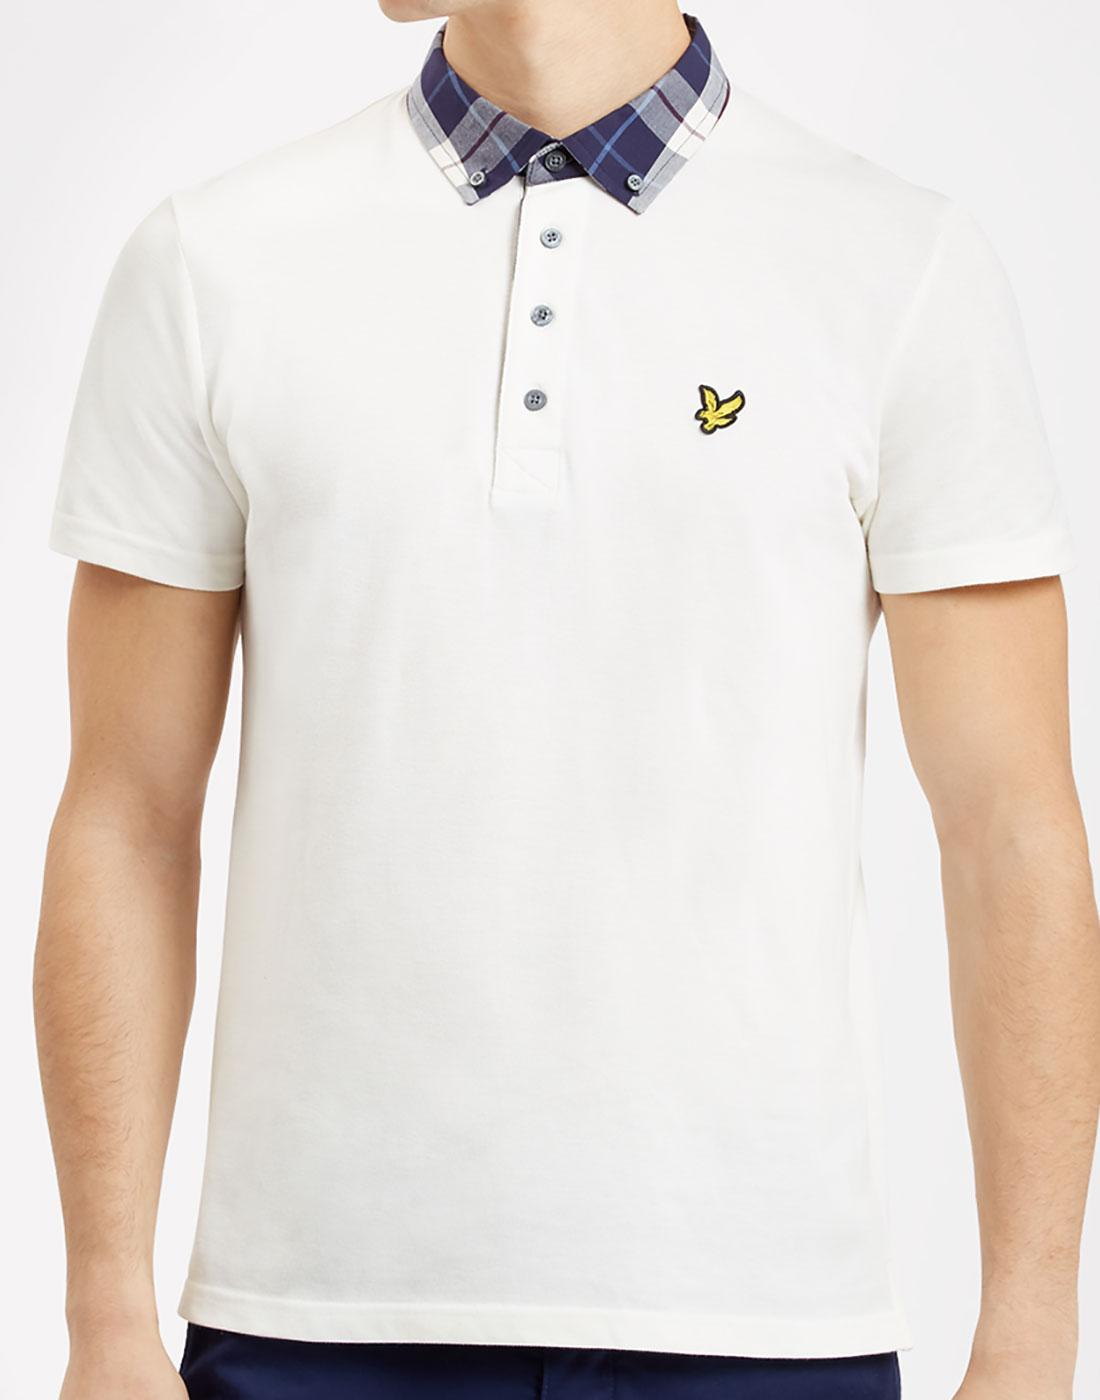 Check Woven Collar LYLE & SCOTT Mod Polo Shirt.